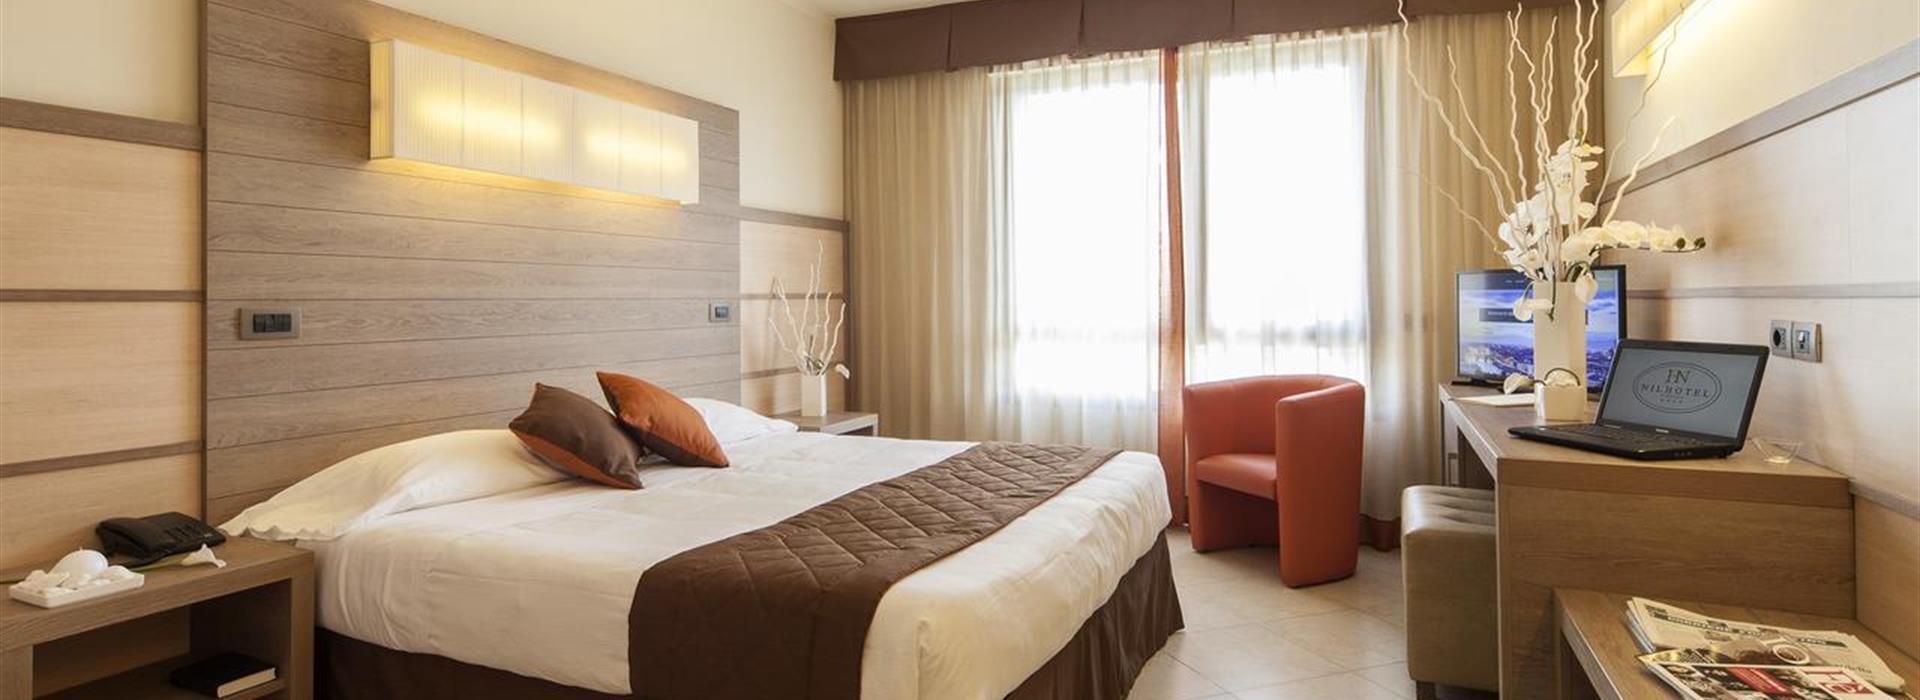 Nil-Hotel